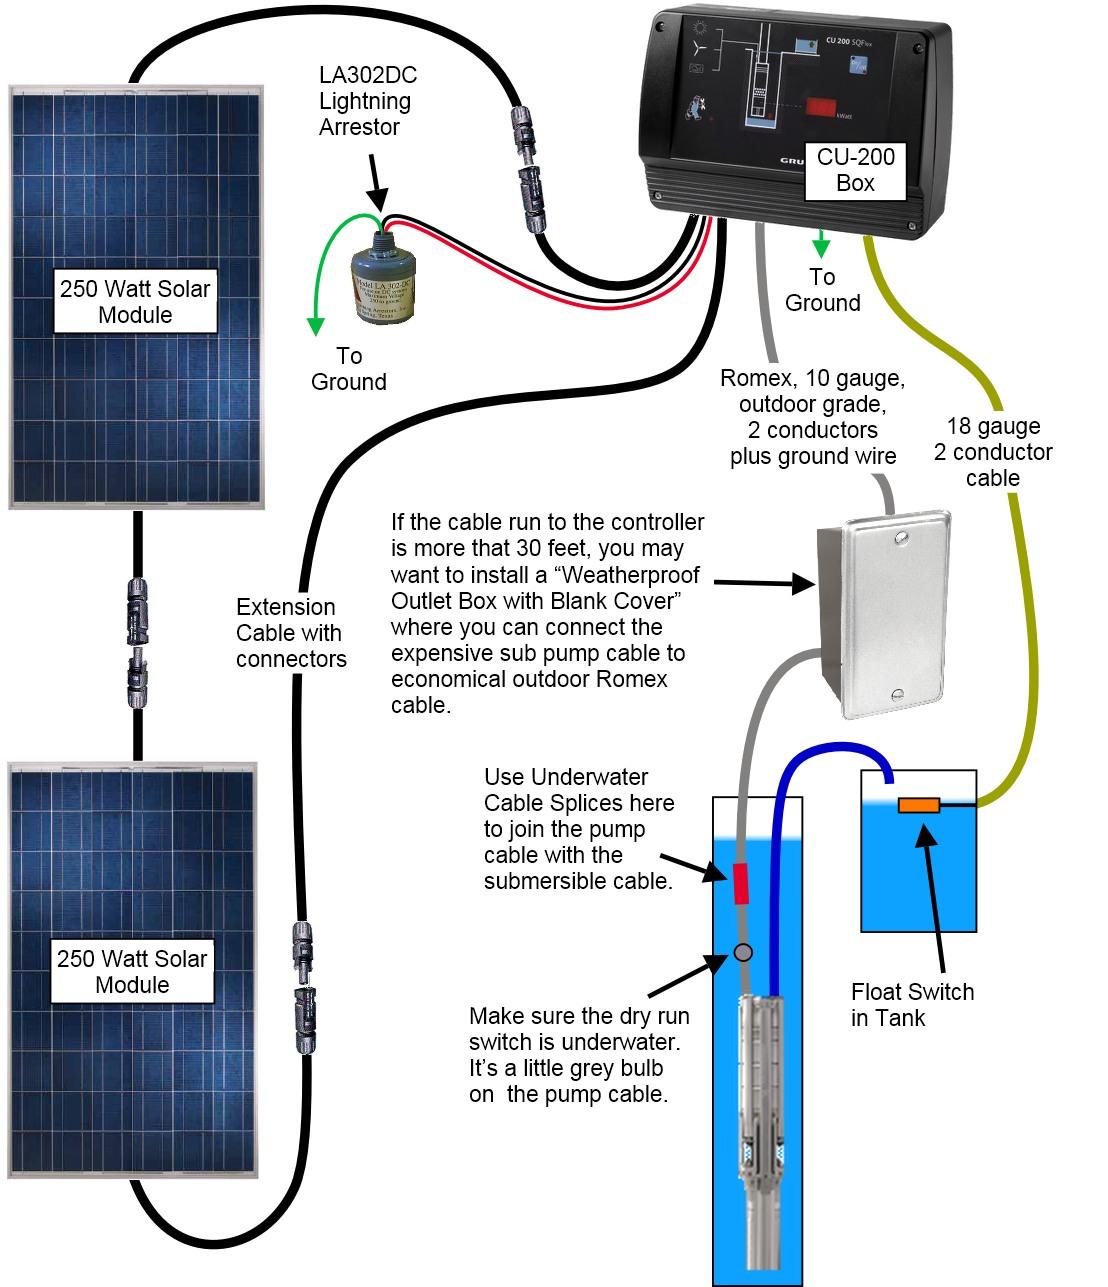 grundfos sqflex installation diagram?t\=1422423383 grundfos cu 200 wiring diagram johnson controls wiring diagram grundfos cu 351 wiring diagram at n-0.co